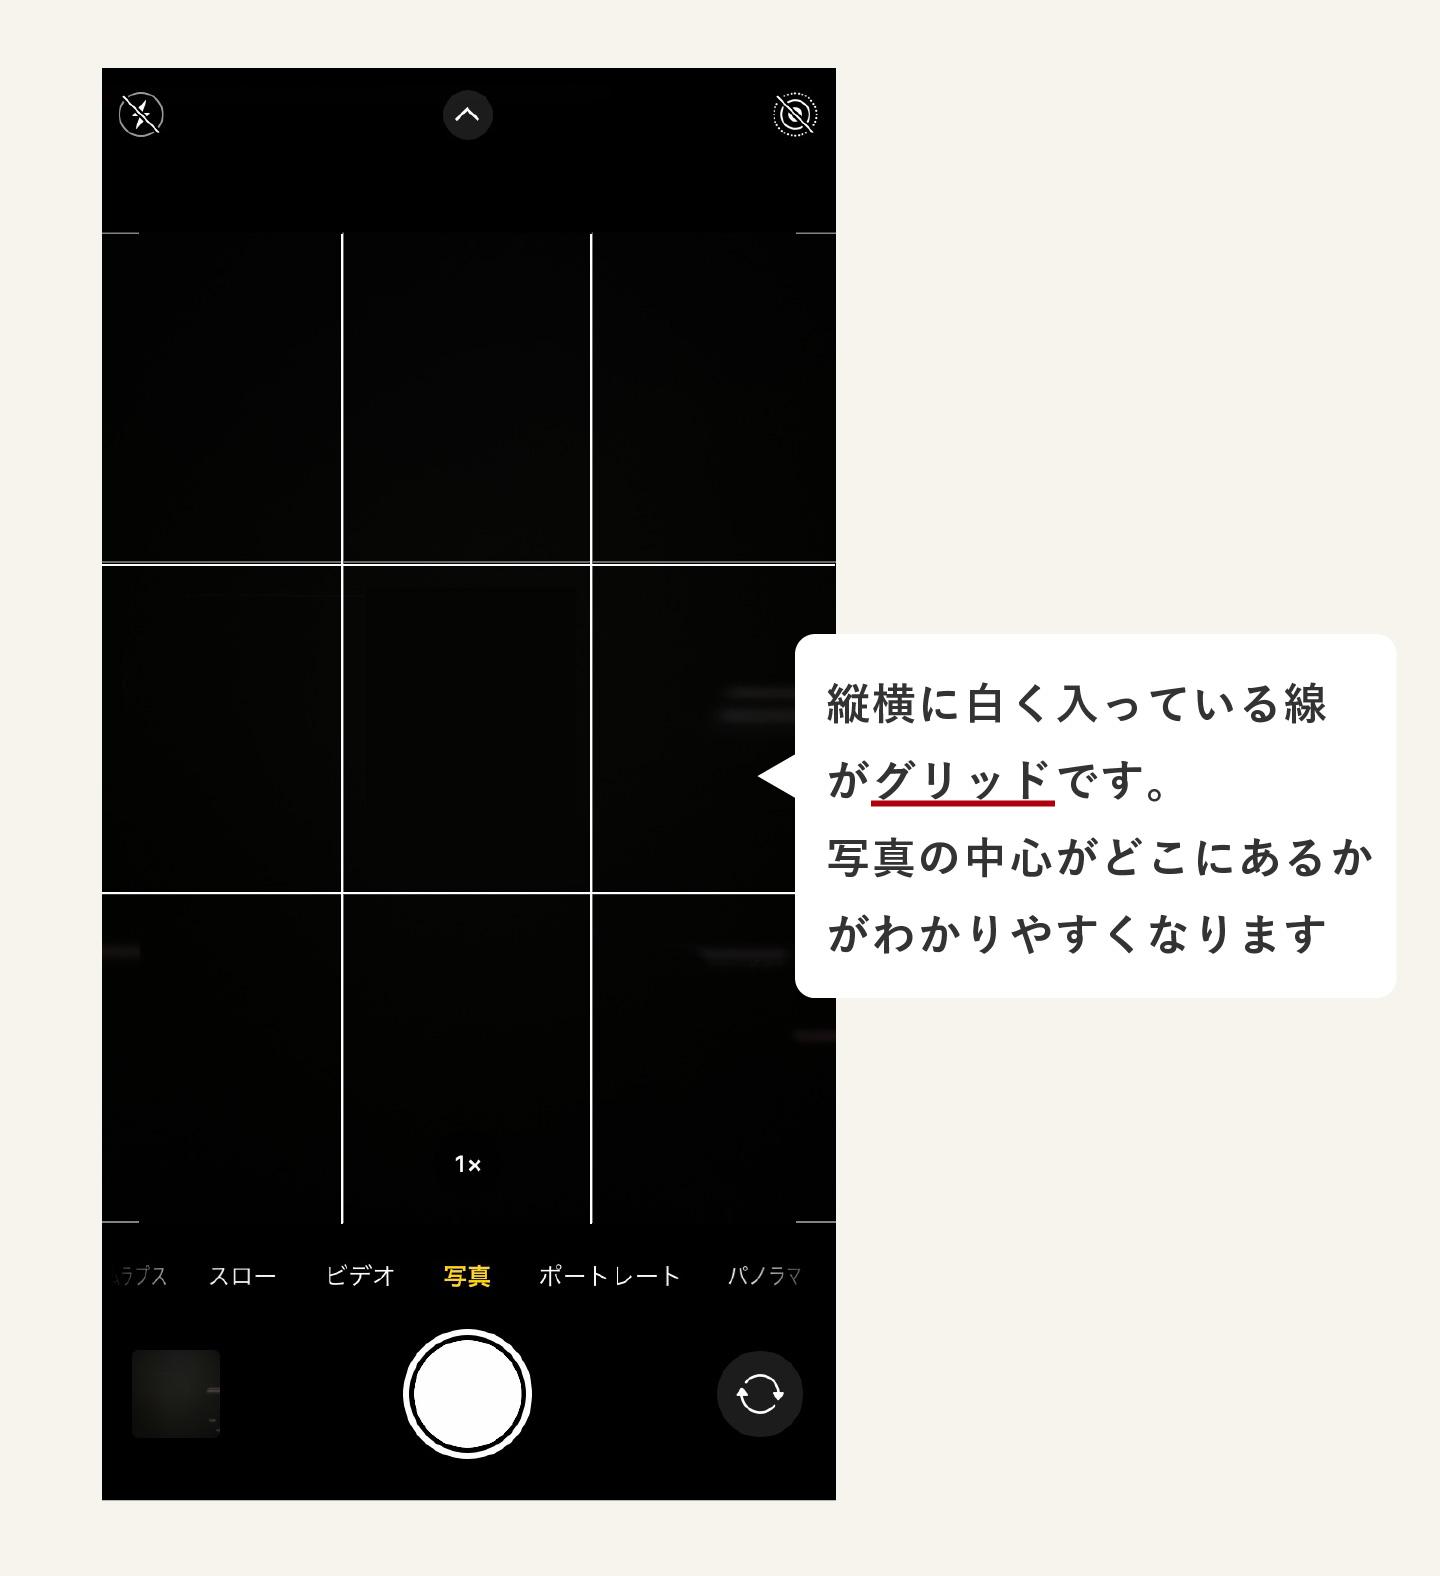 カメラのグリッド線の見本